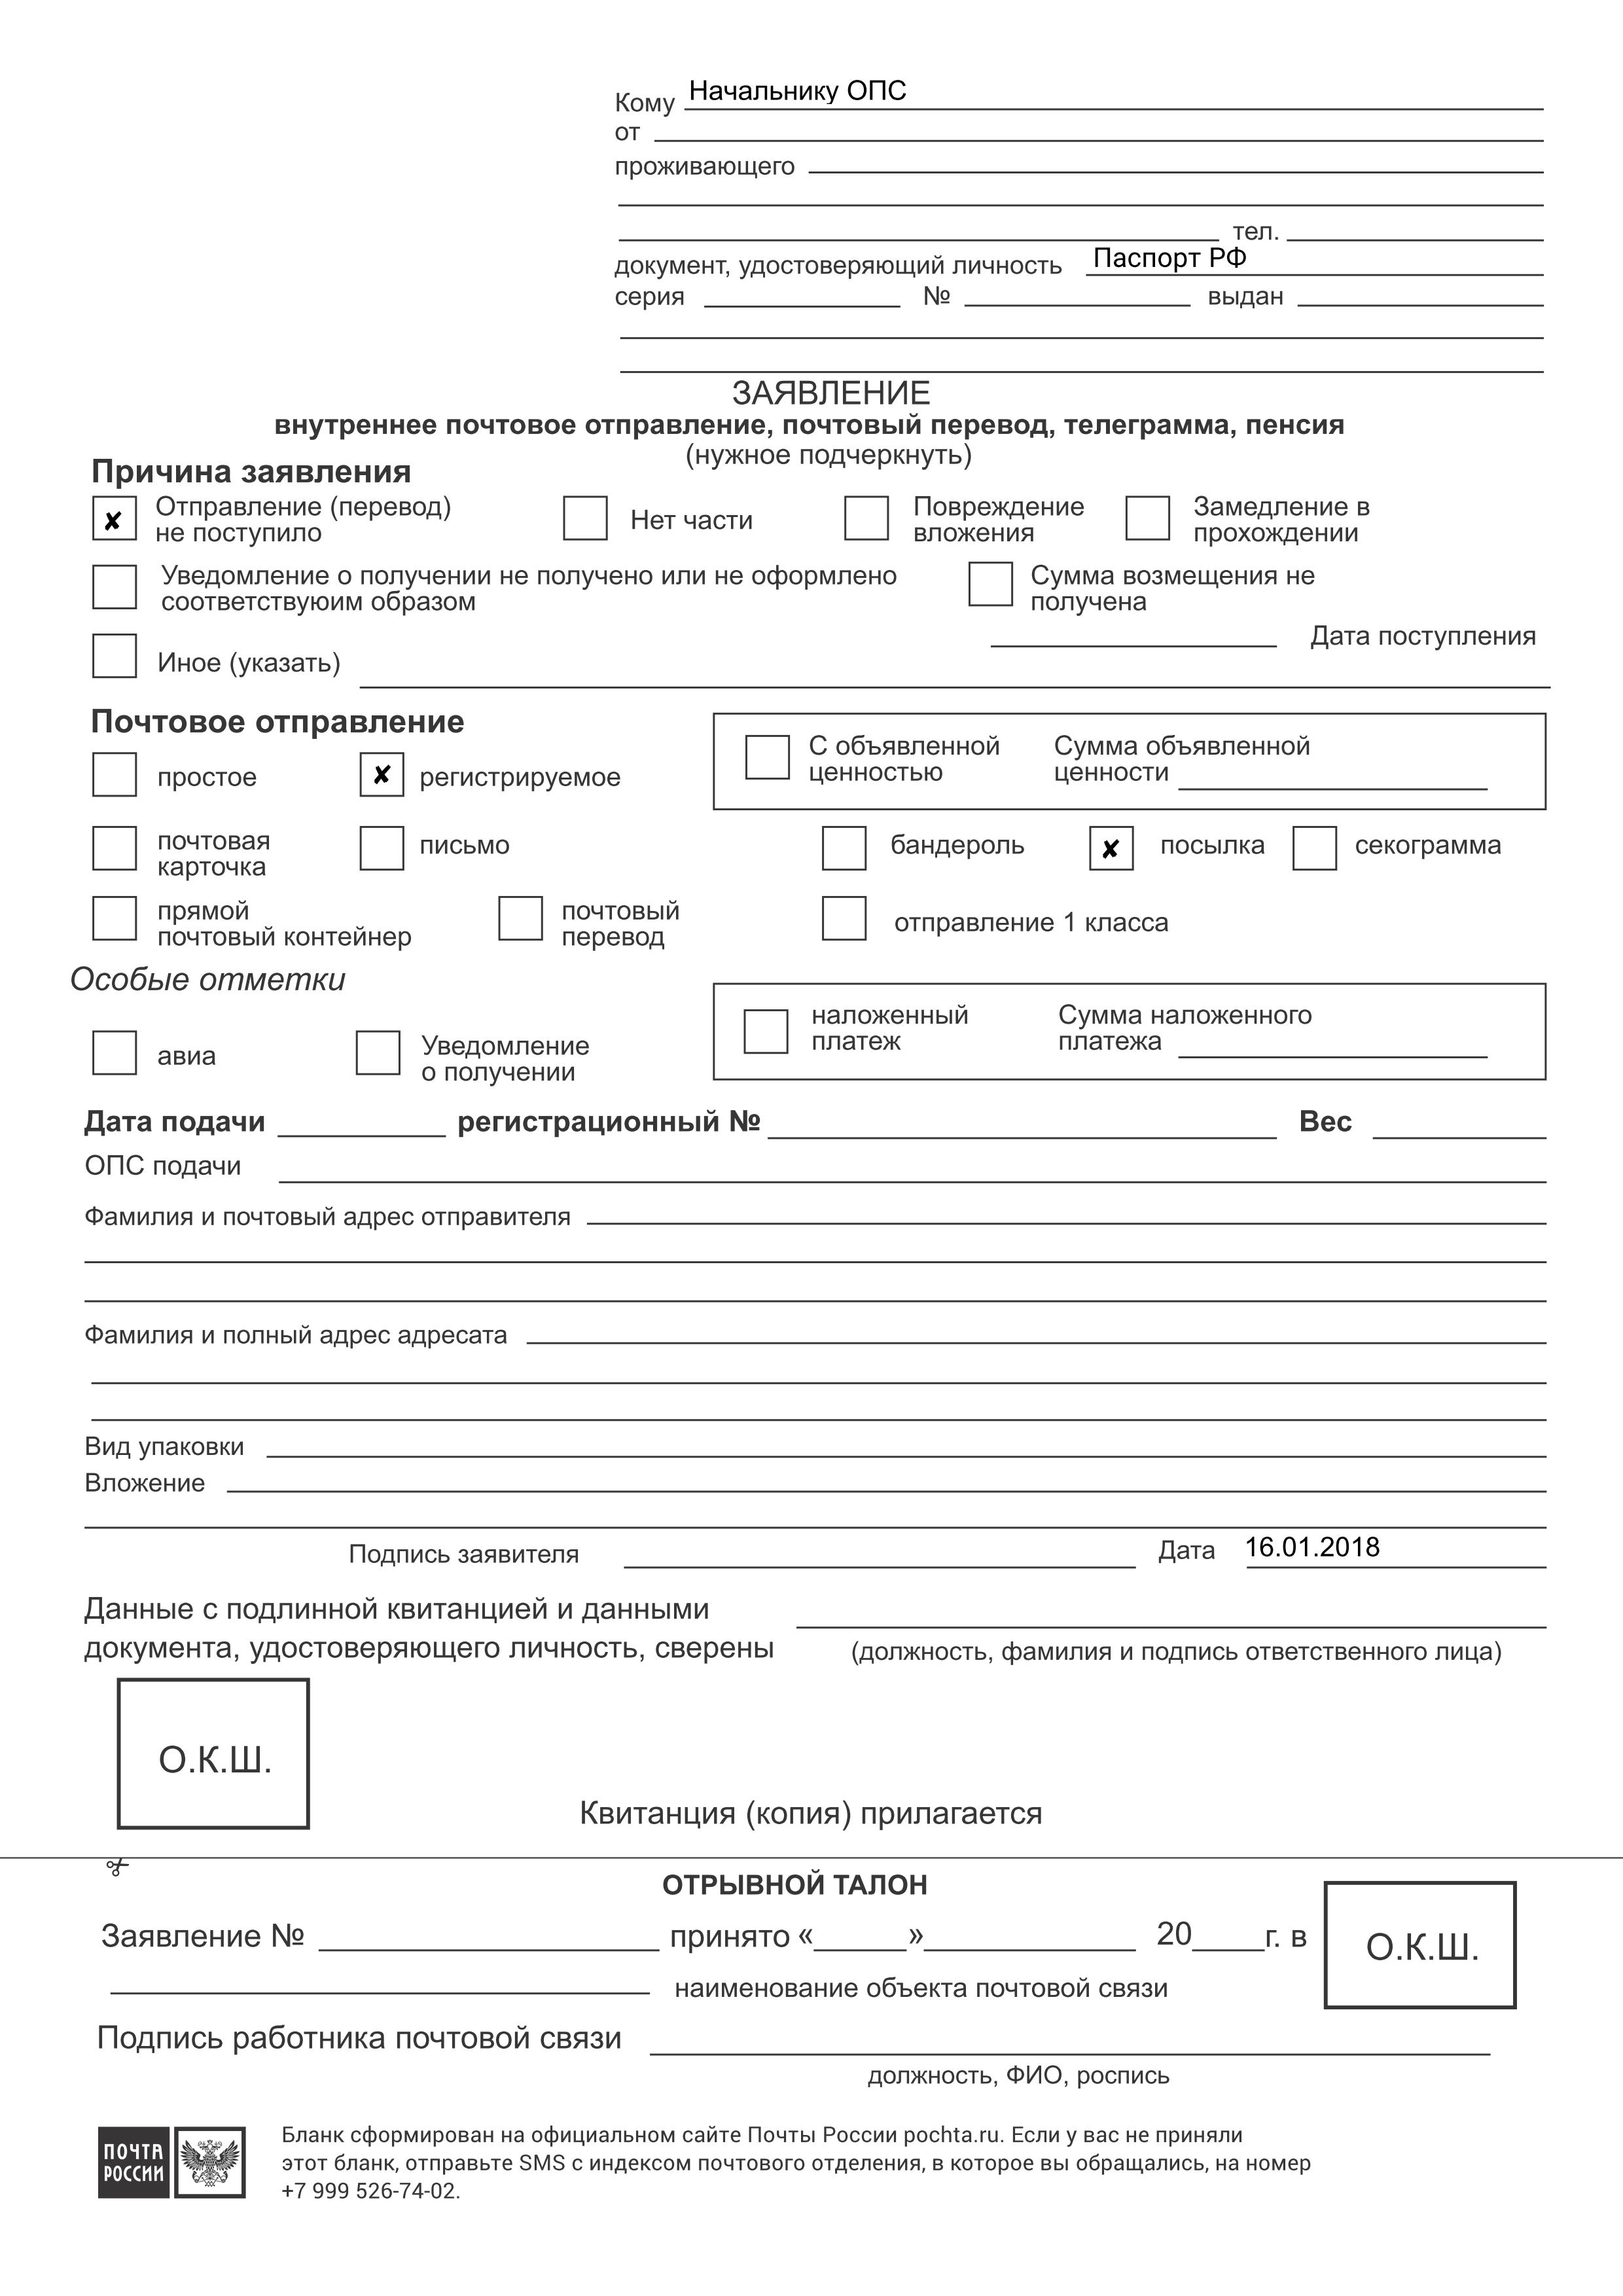 Образец формы 103 почты россии